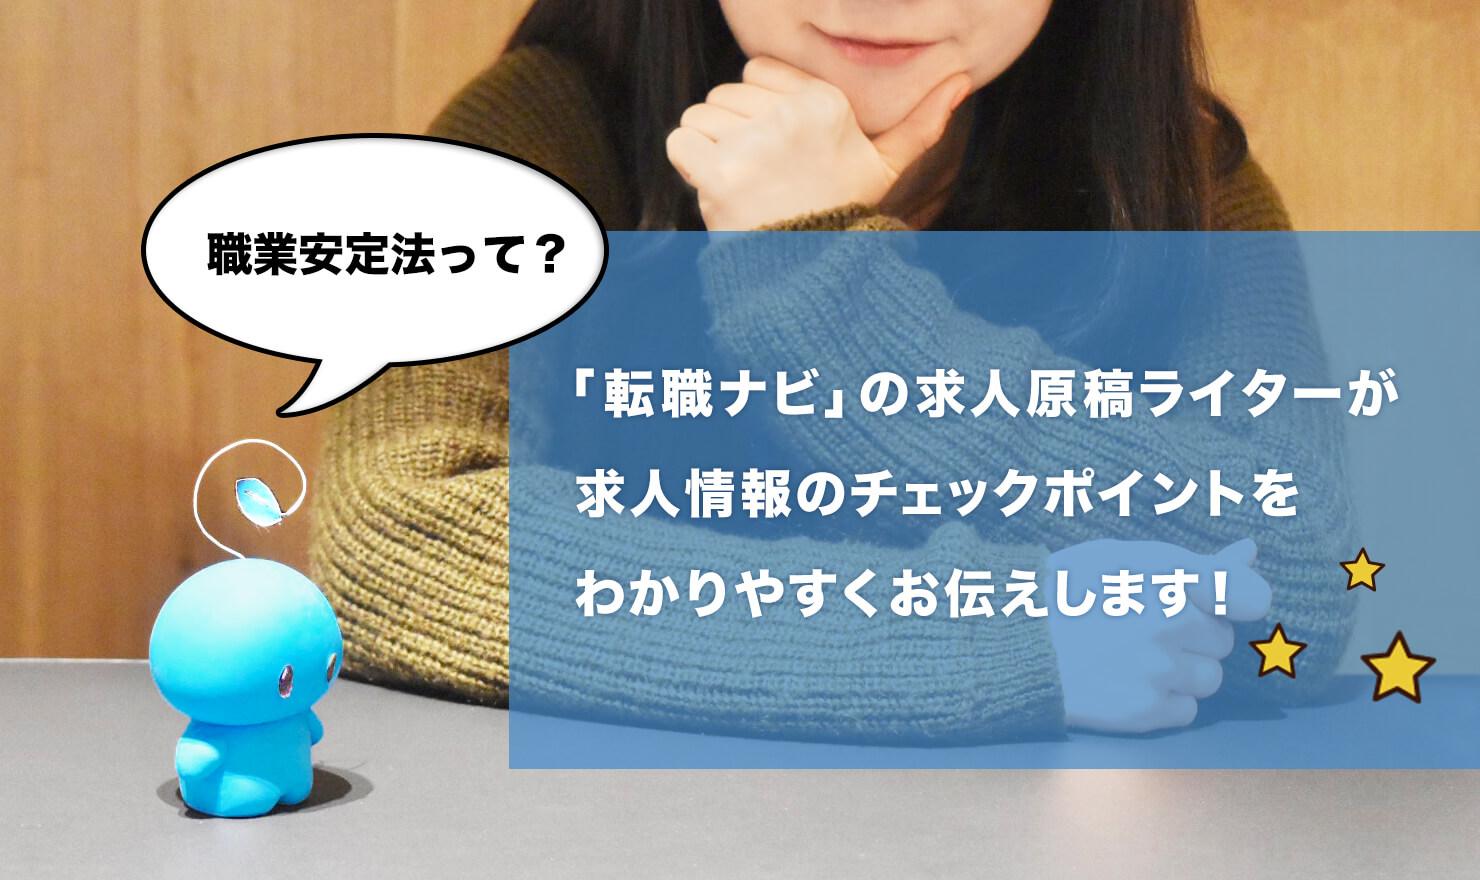 【職業安定法改正】求人原稿ライターに聞く労働条件の見方